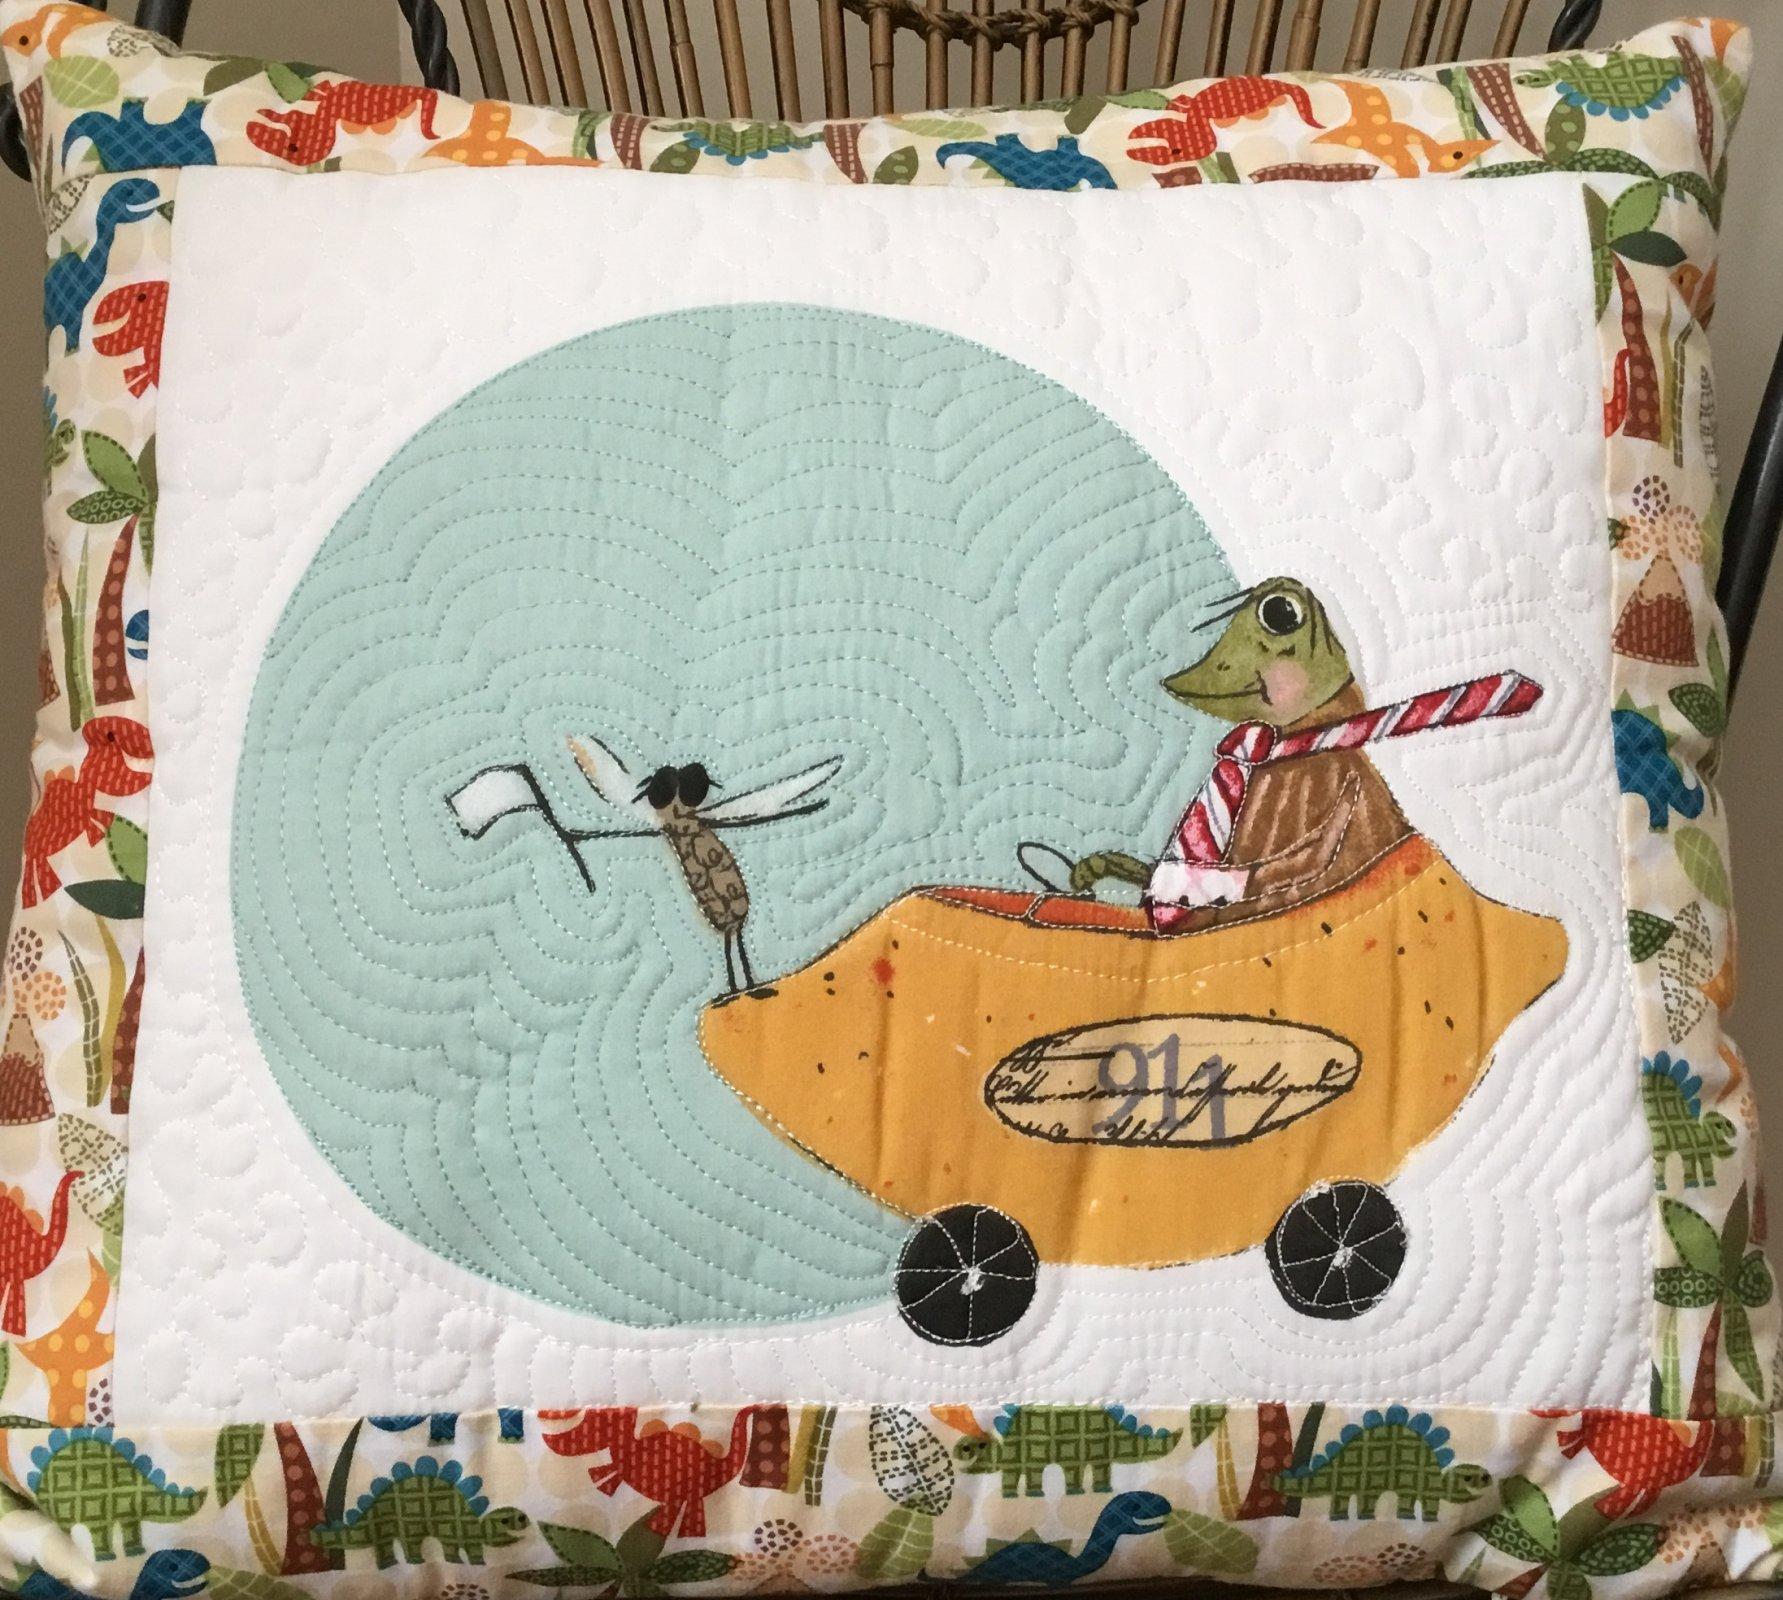 HBH215 Cushion cover